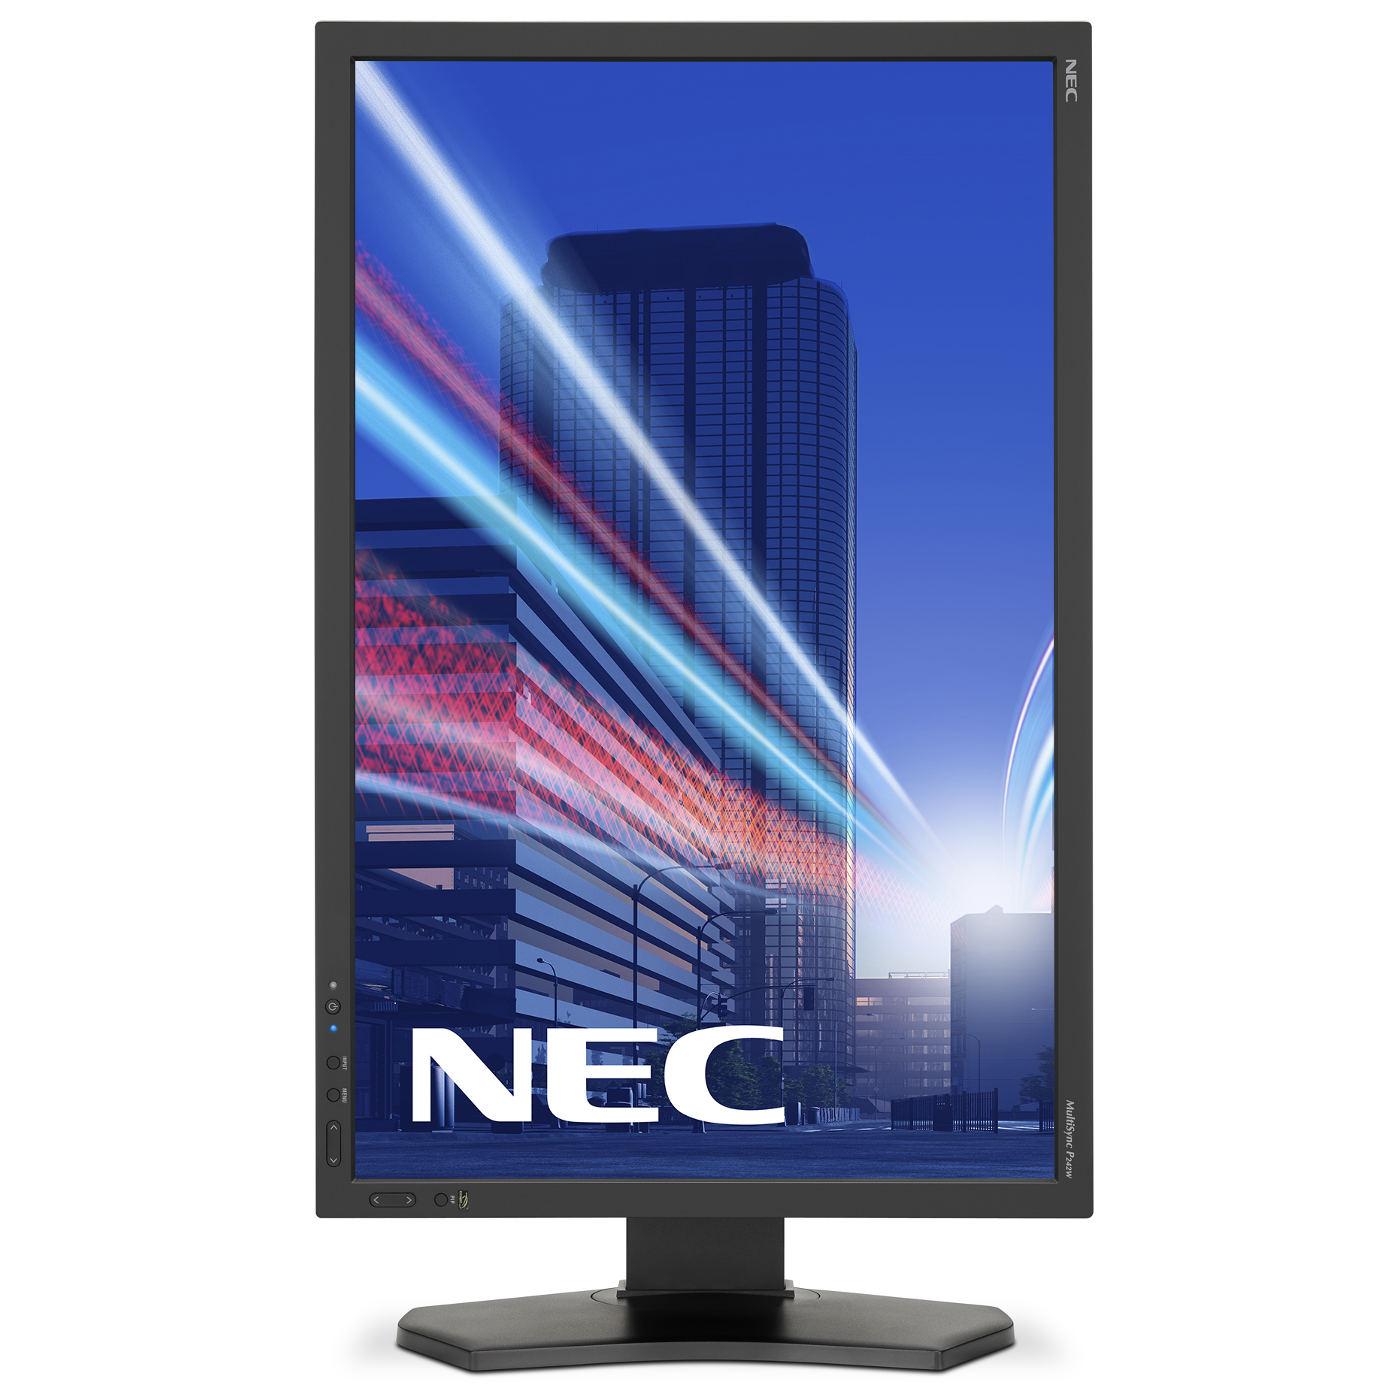 Nec 24 1 led multisync p242w ecran pc nec sur for Ecran photo nec